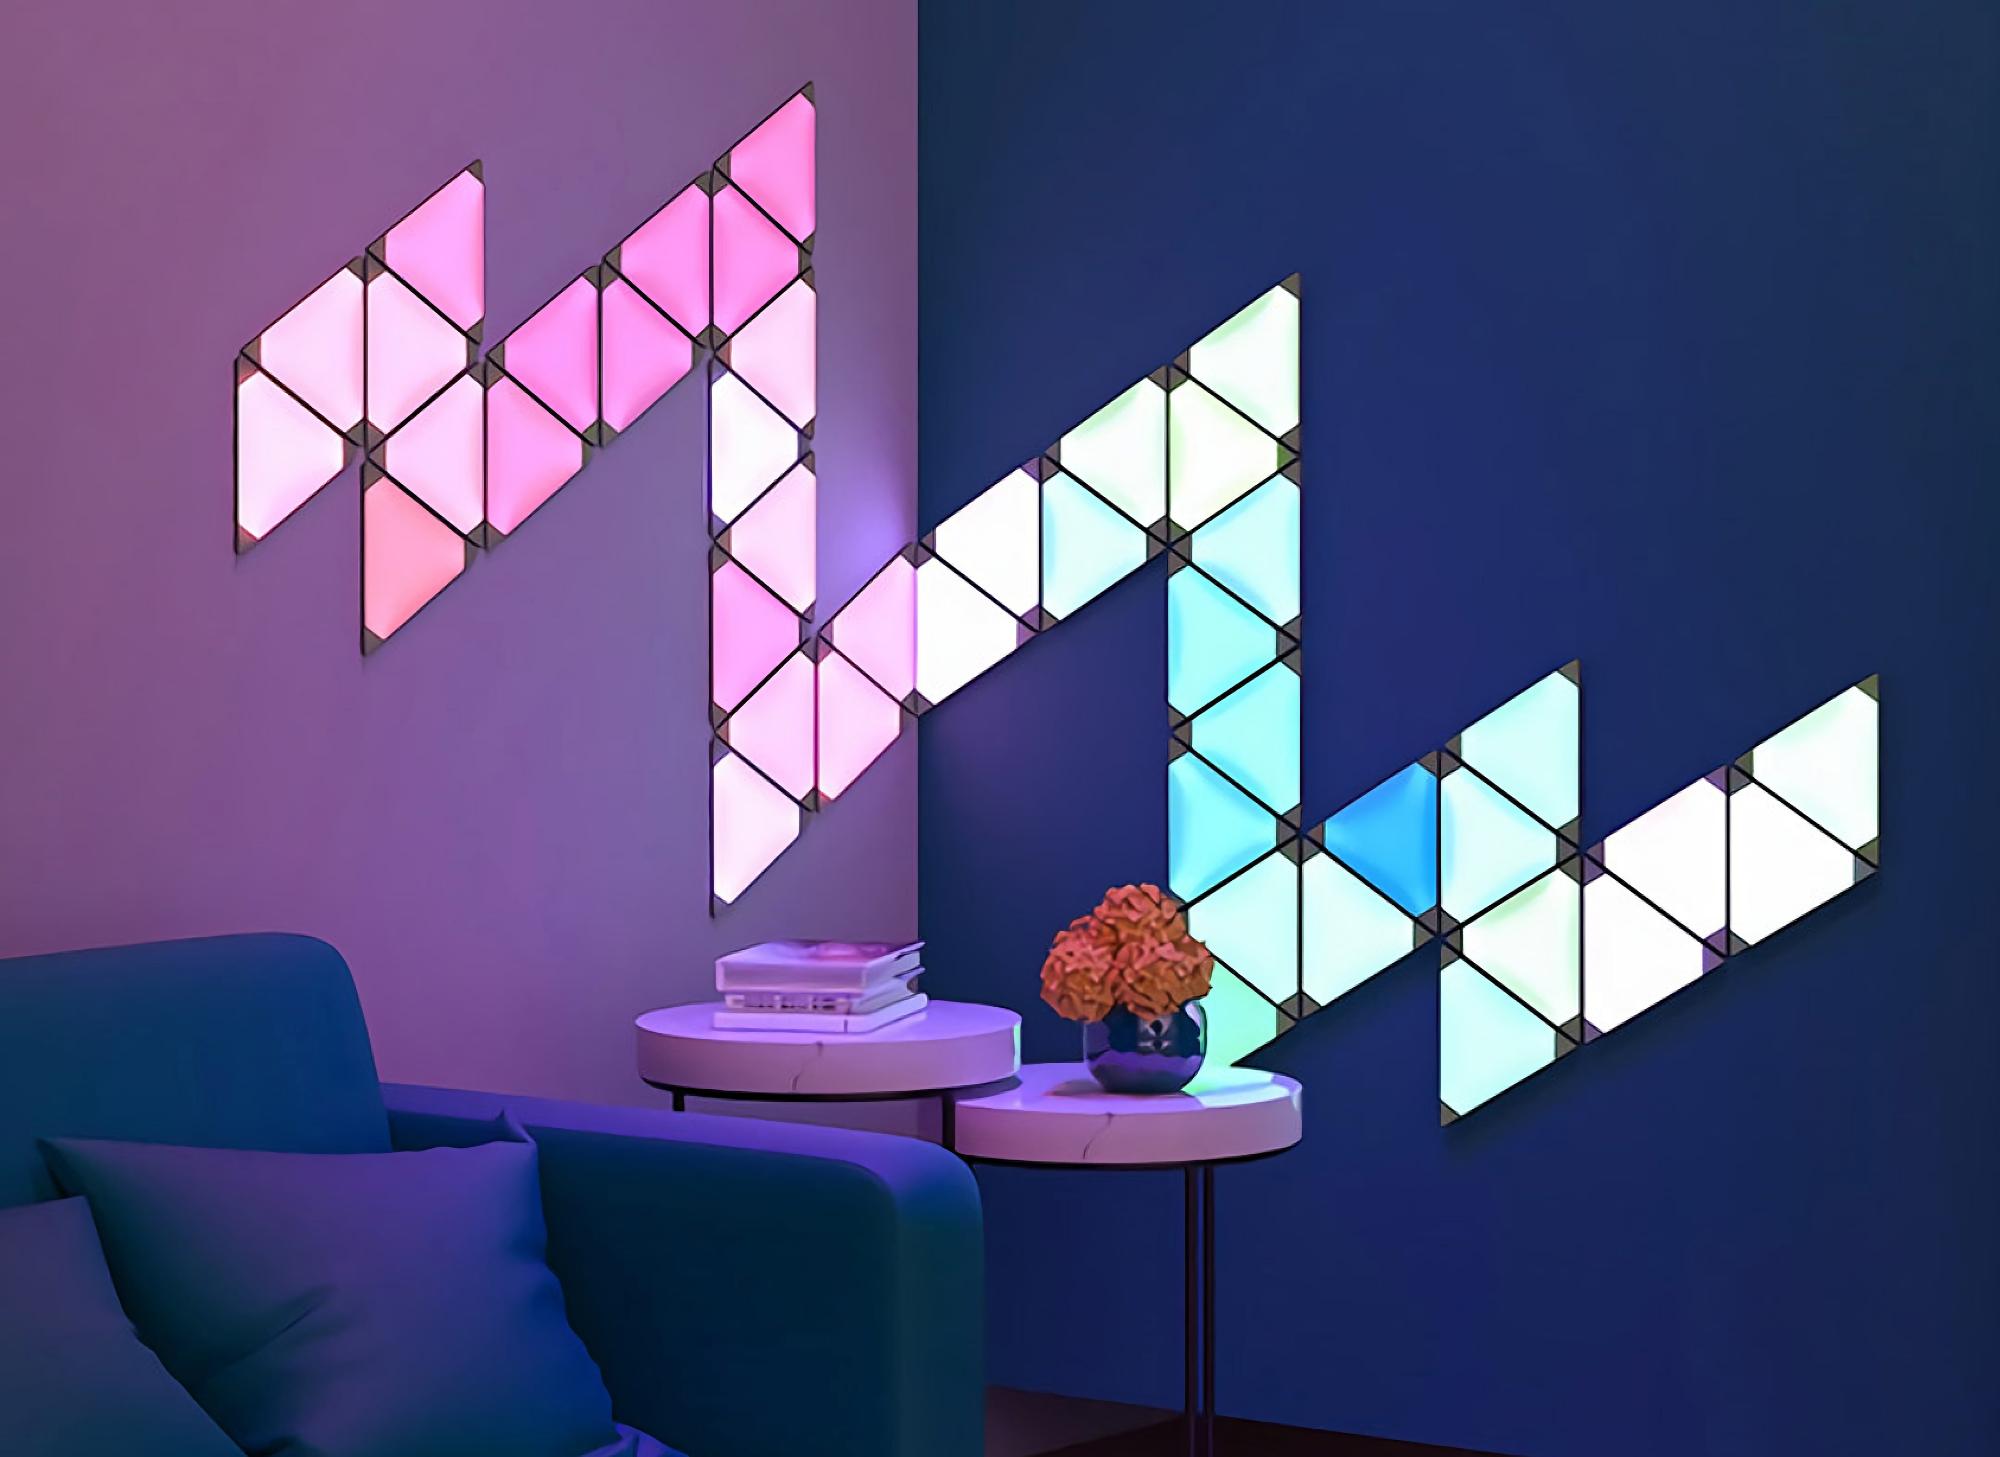 Xiaomi представила Huizuo Smart Light Panel Wall Lamp: световая панель за $15, которая умеет подстраиваться под звук